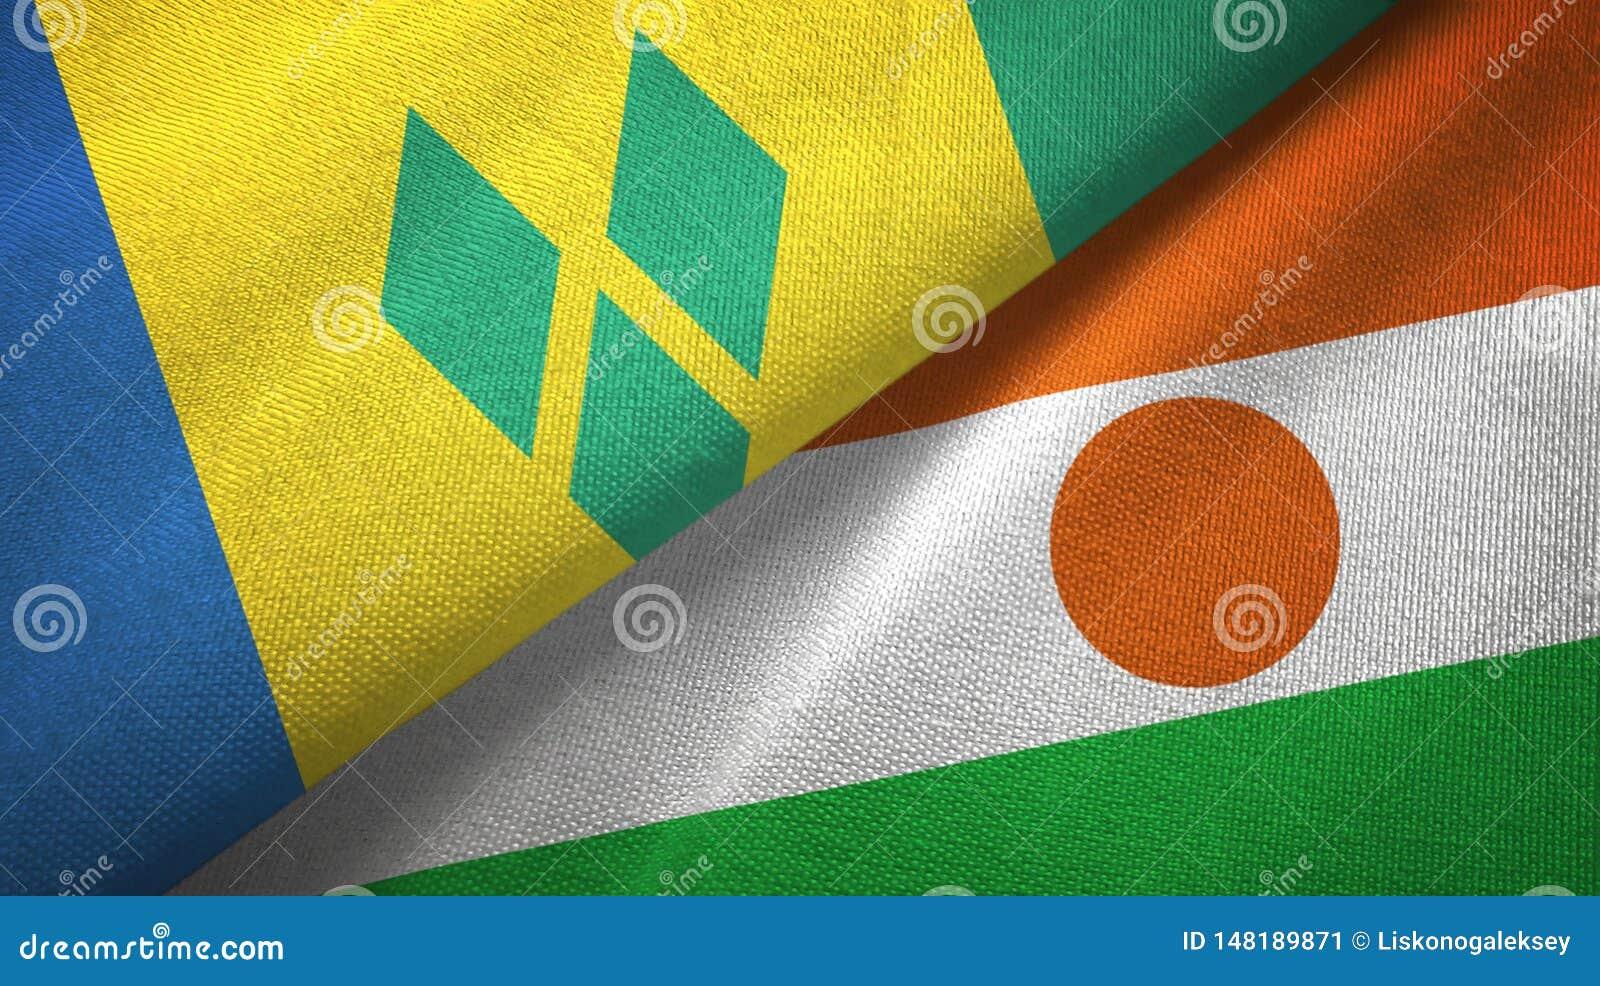 Άγιος Βικέντιος και Γρεναδίνες και Νίγηρας δύο σημαίες